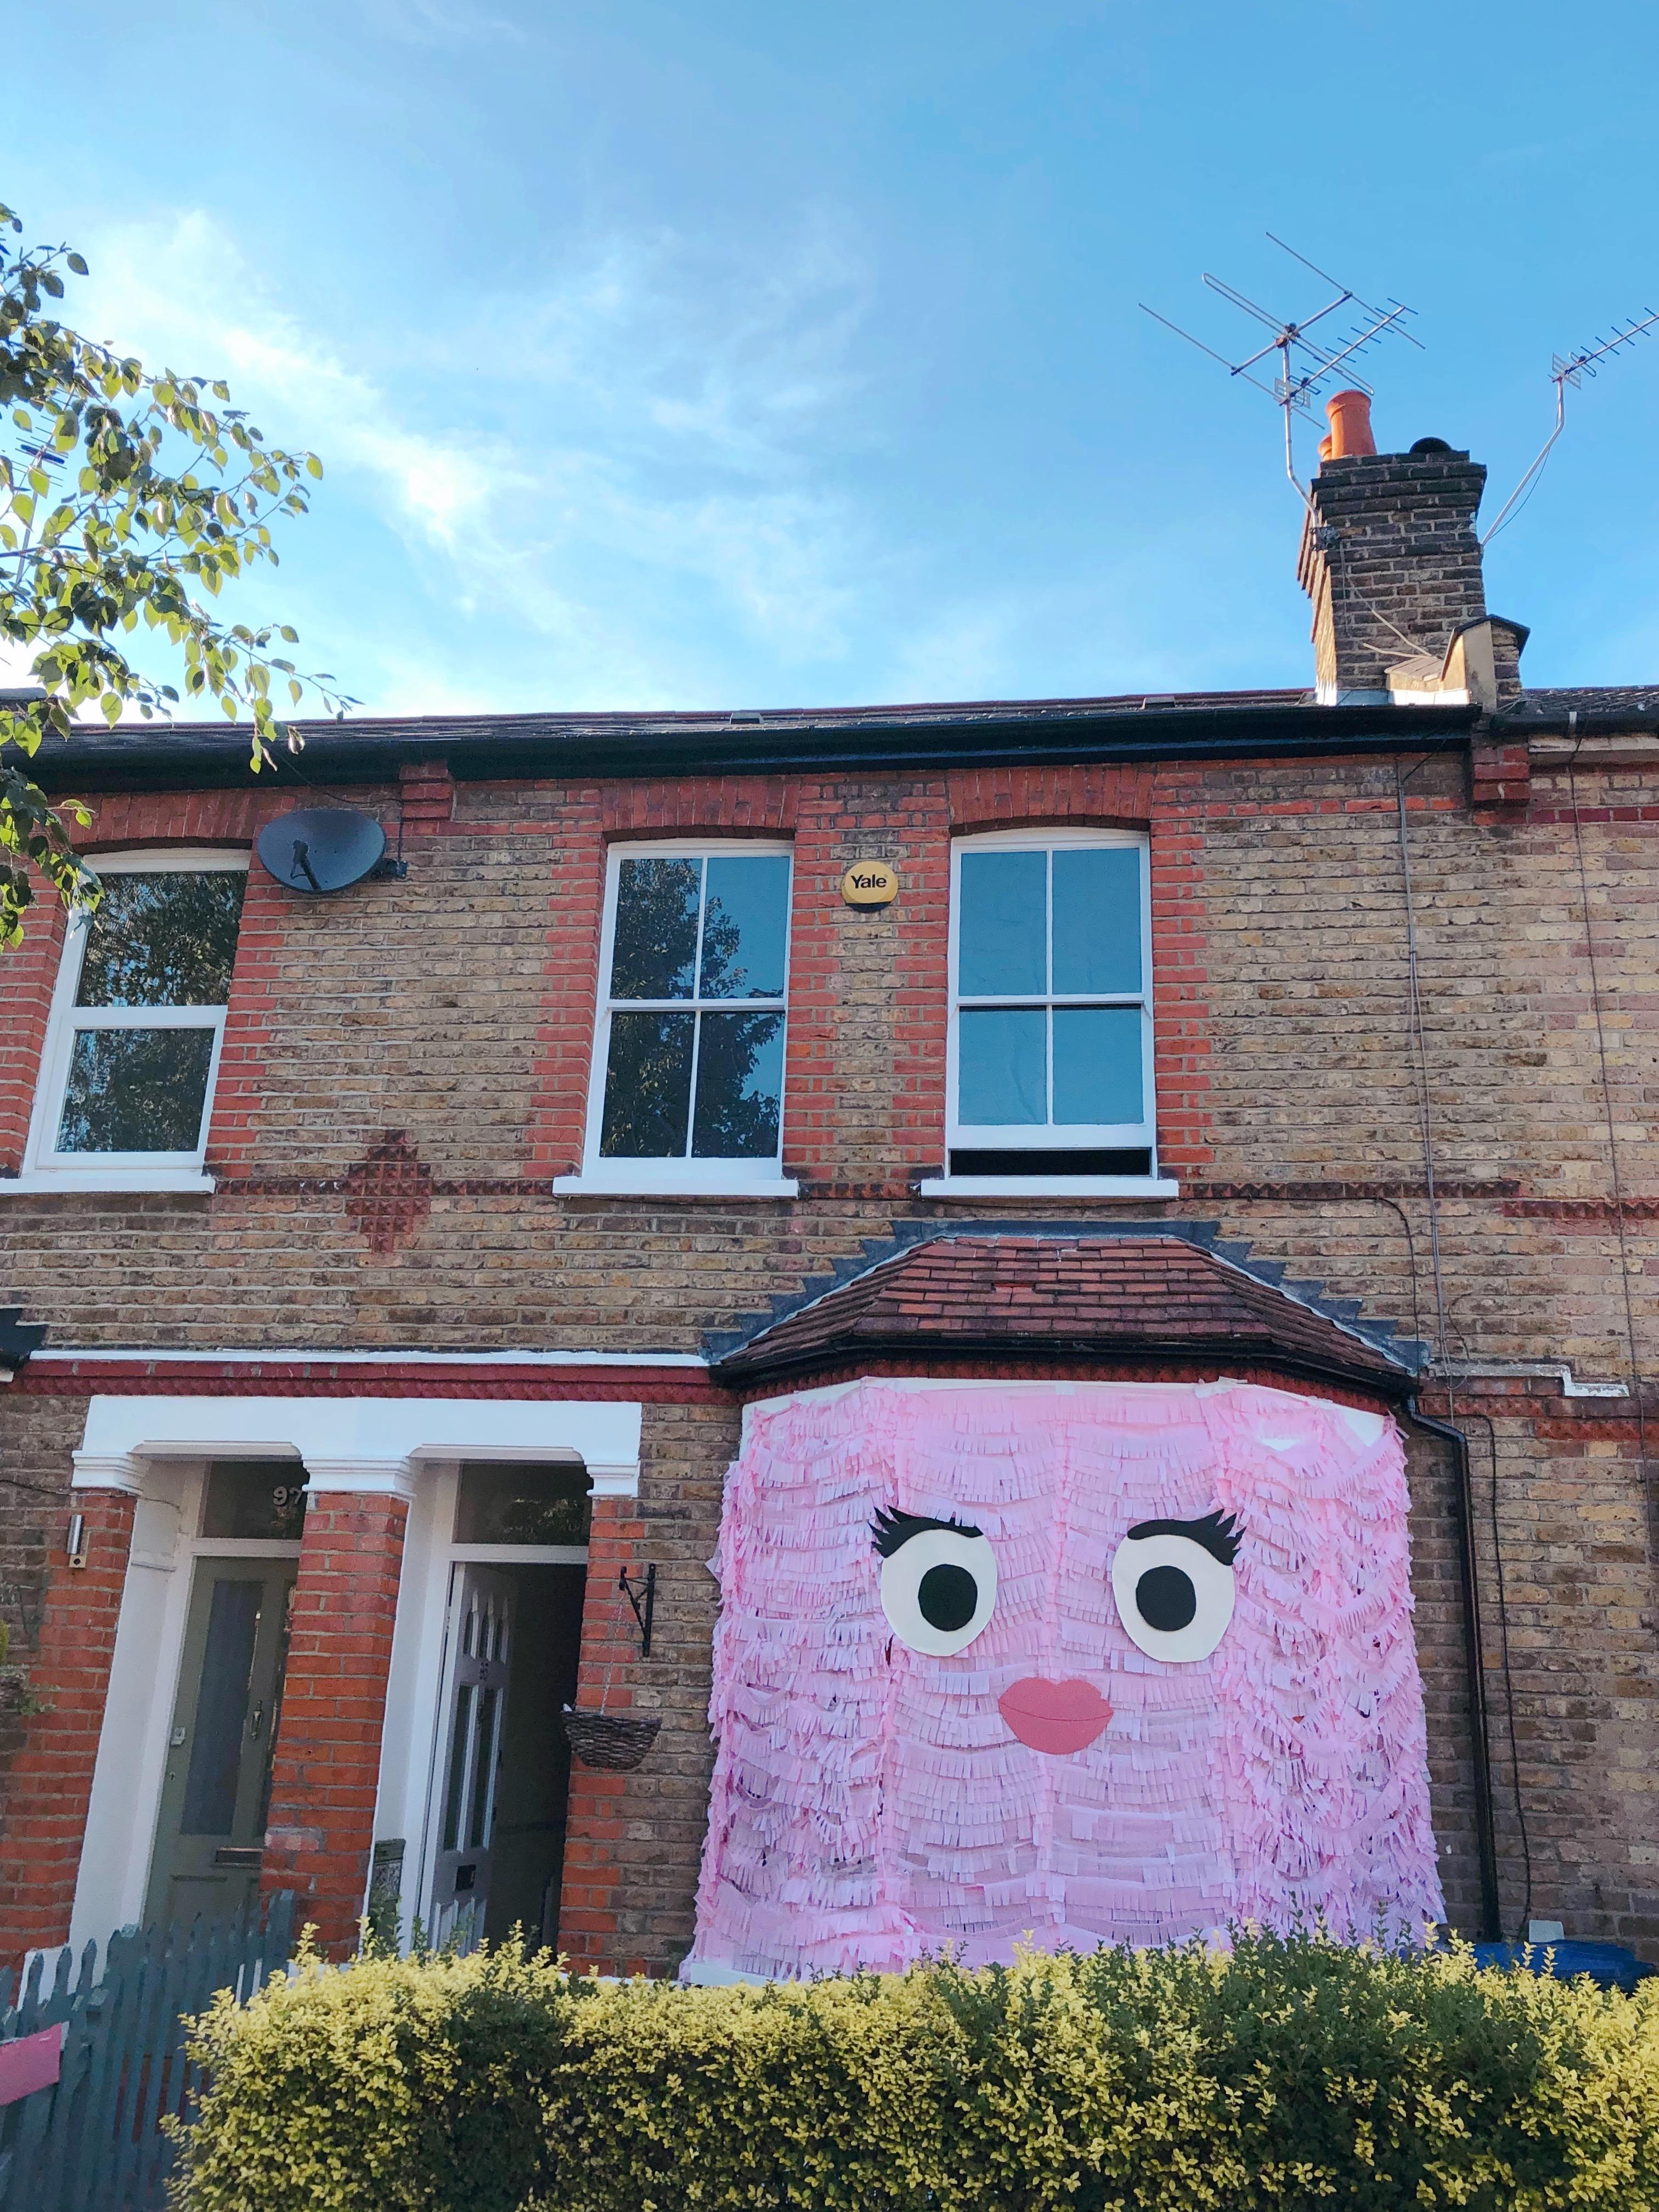 cute pink monster house, art installation